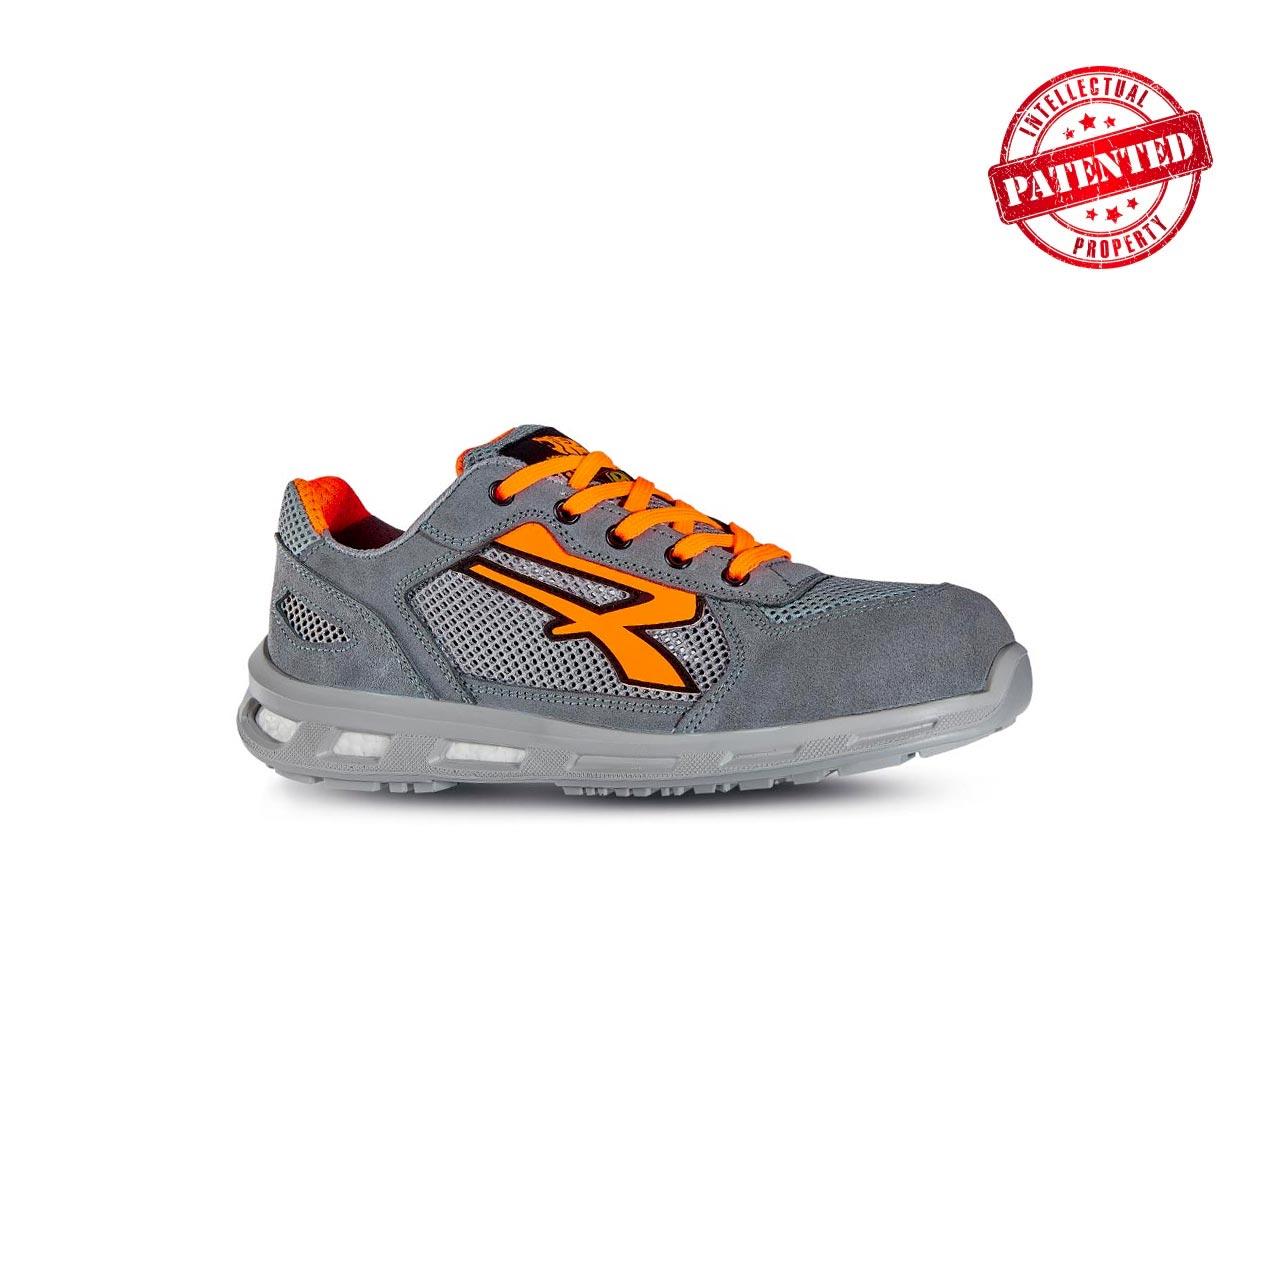 scarpa antinfortunistica upower modello ultra linea redlion vista laterale